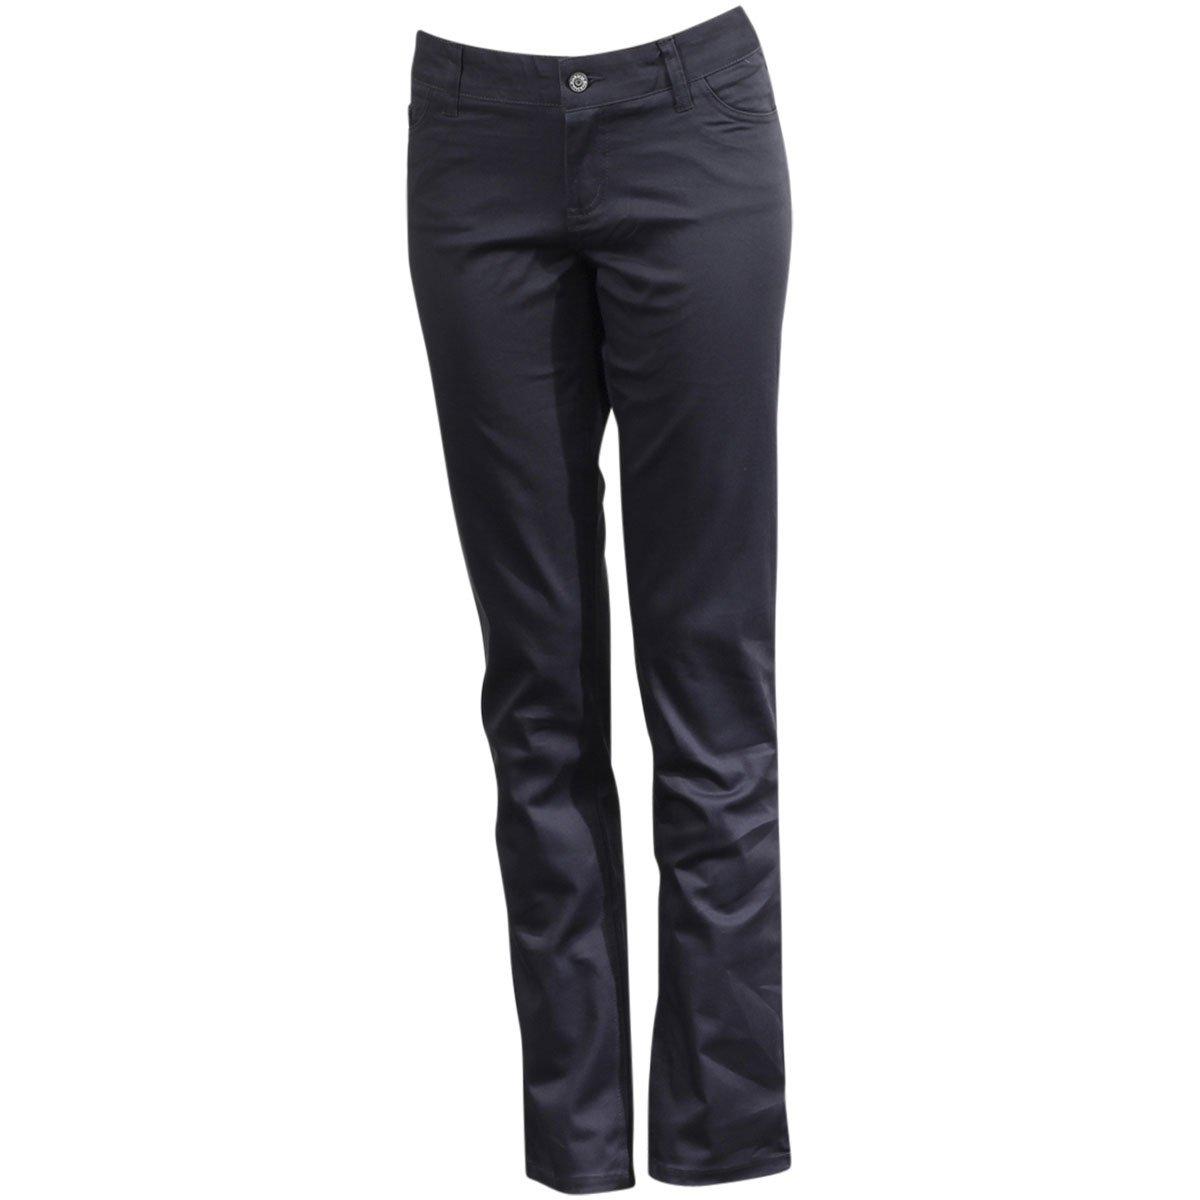 Dickies Girl Junior's Classic 5 Pocket Skinny Pant, Charcoal, 13